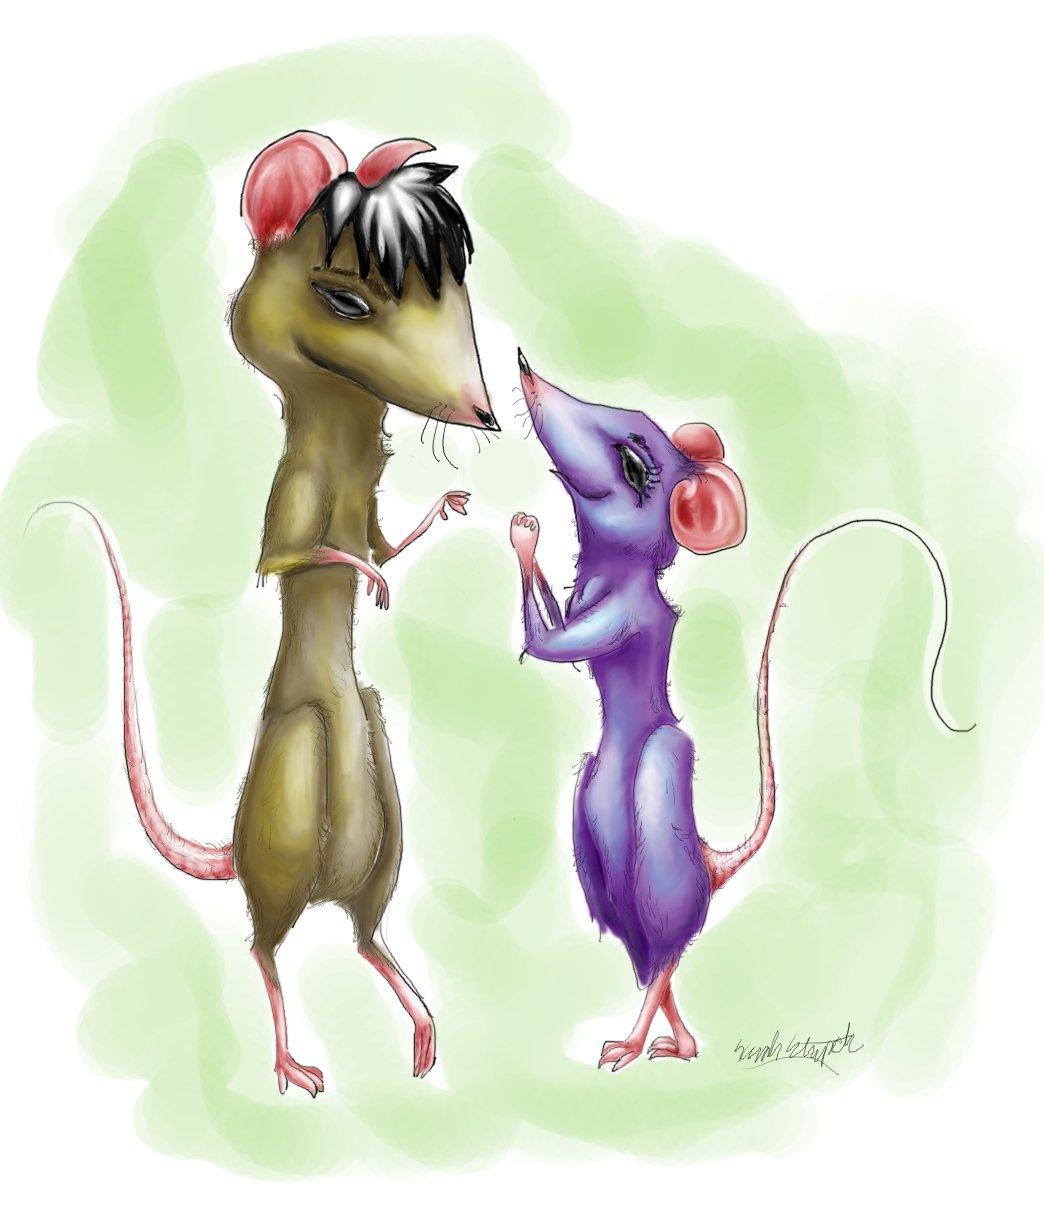 rat love digital illustration